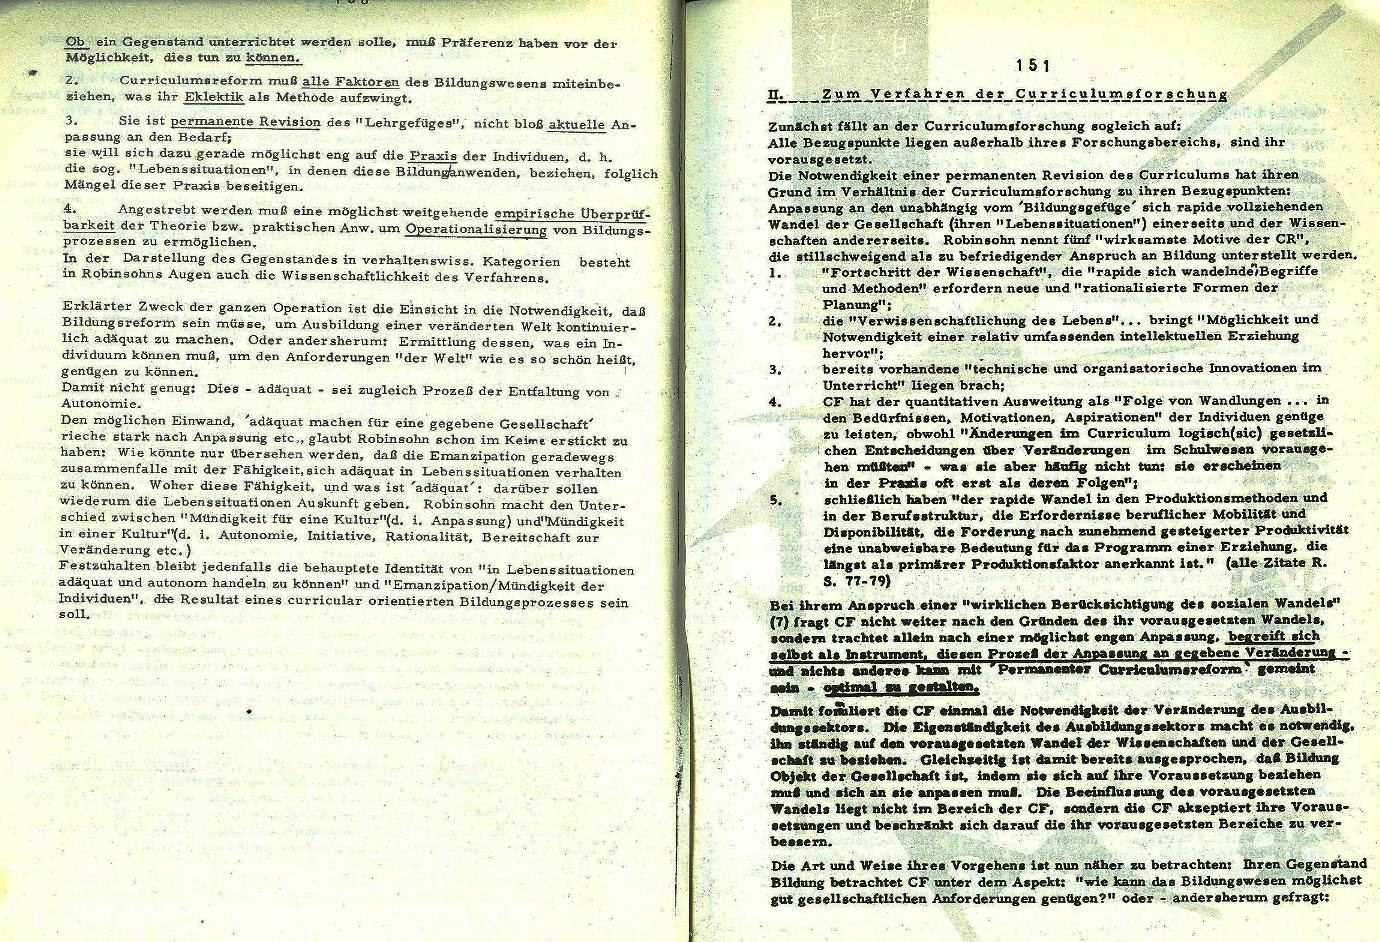 Muenchen_AK_Sozialistisches_Studium079